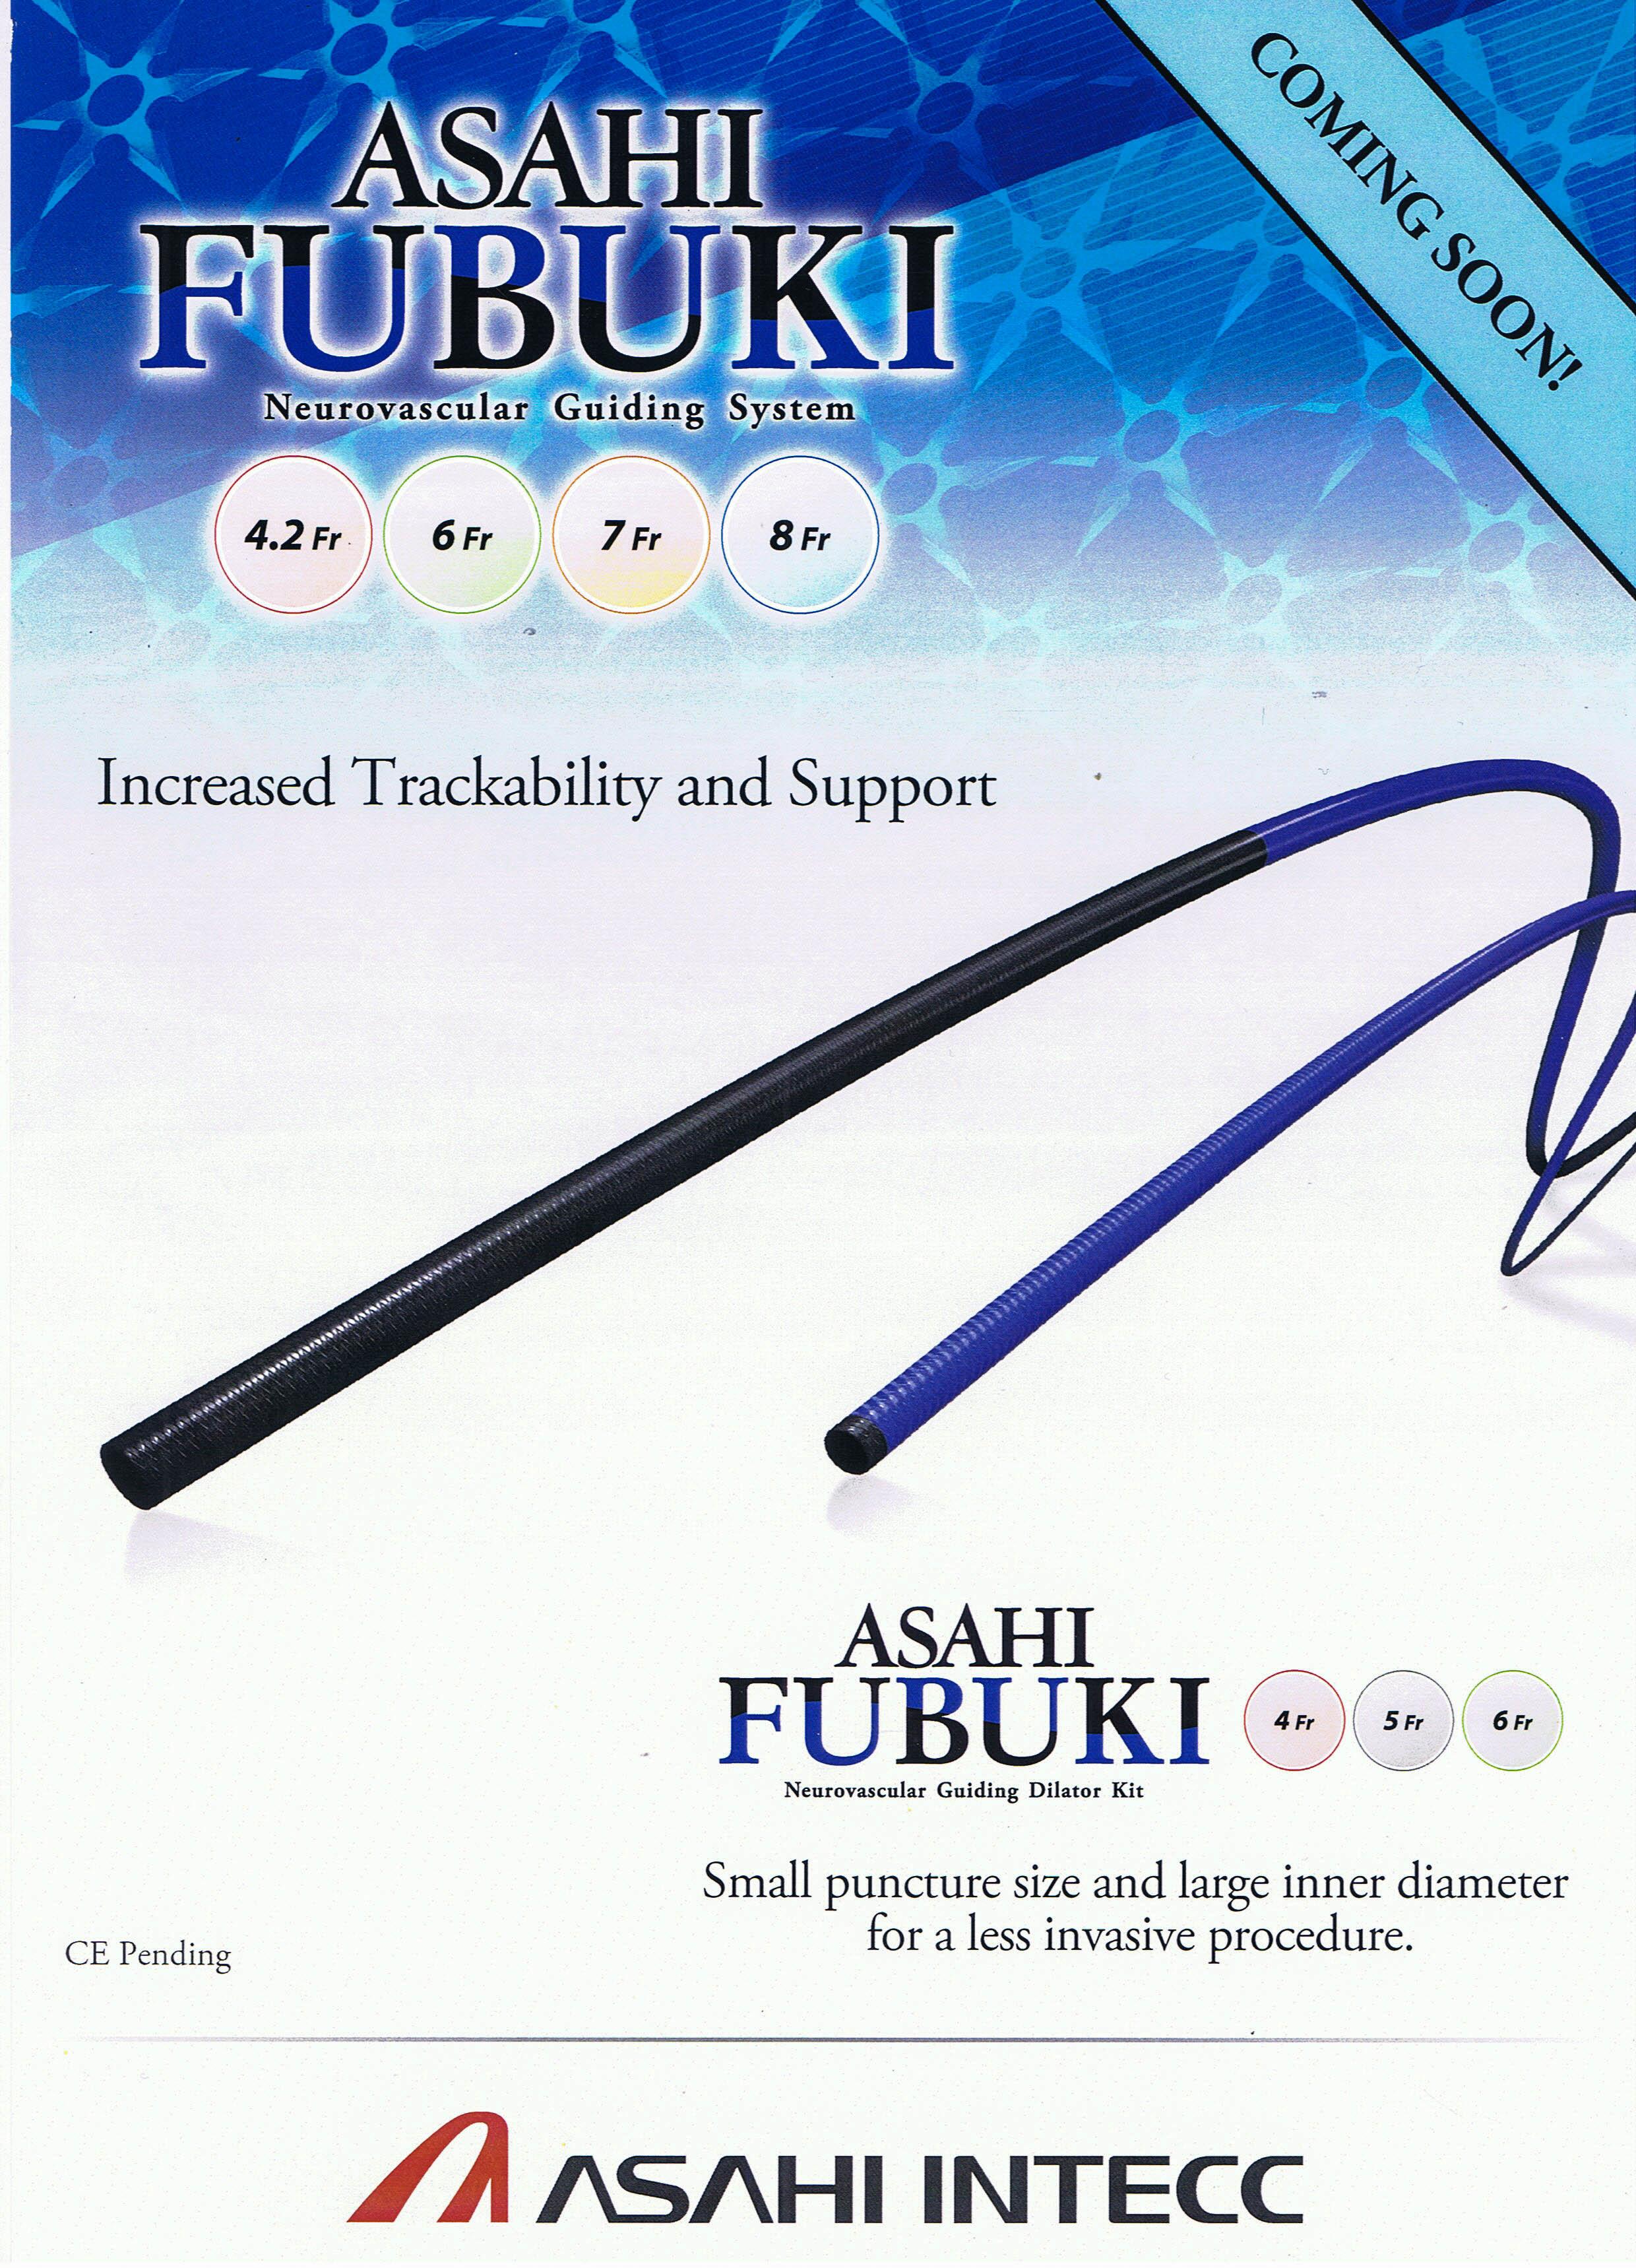 Fubuki Neurovascular Guiding System 4.2Fr, 6Fr, 7Fr & 8Fr